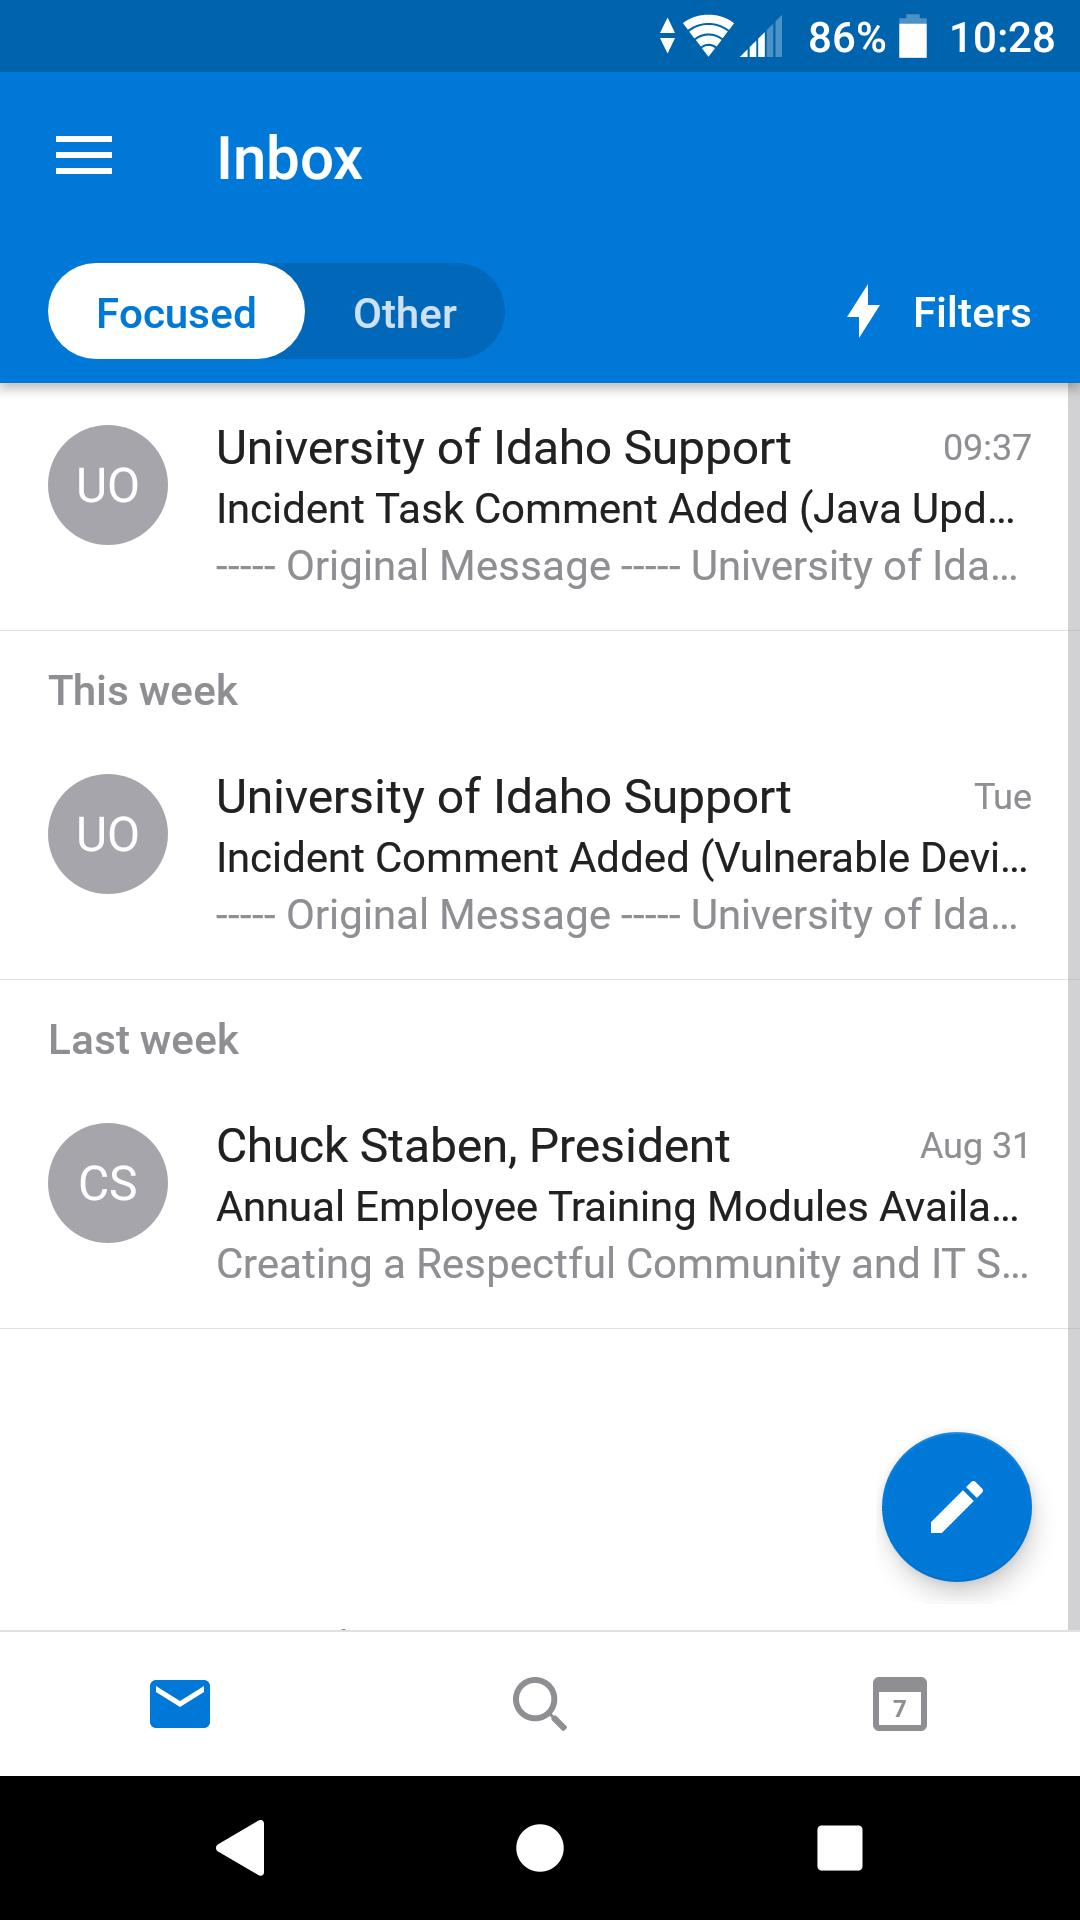 Outlook app inbox, process is complete